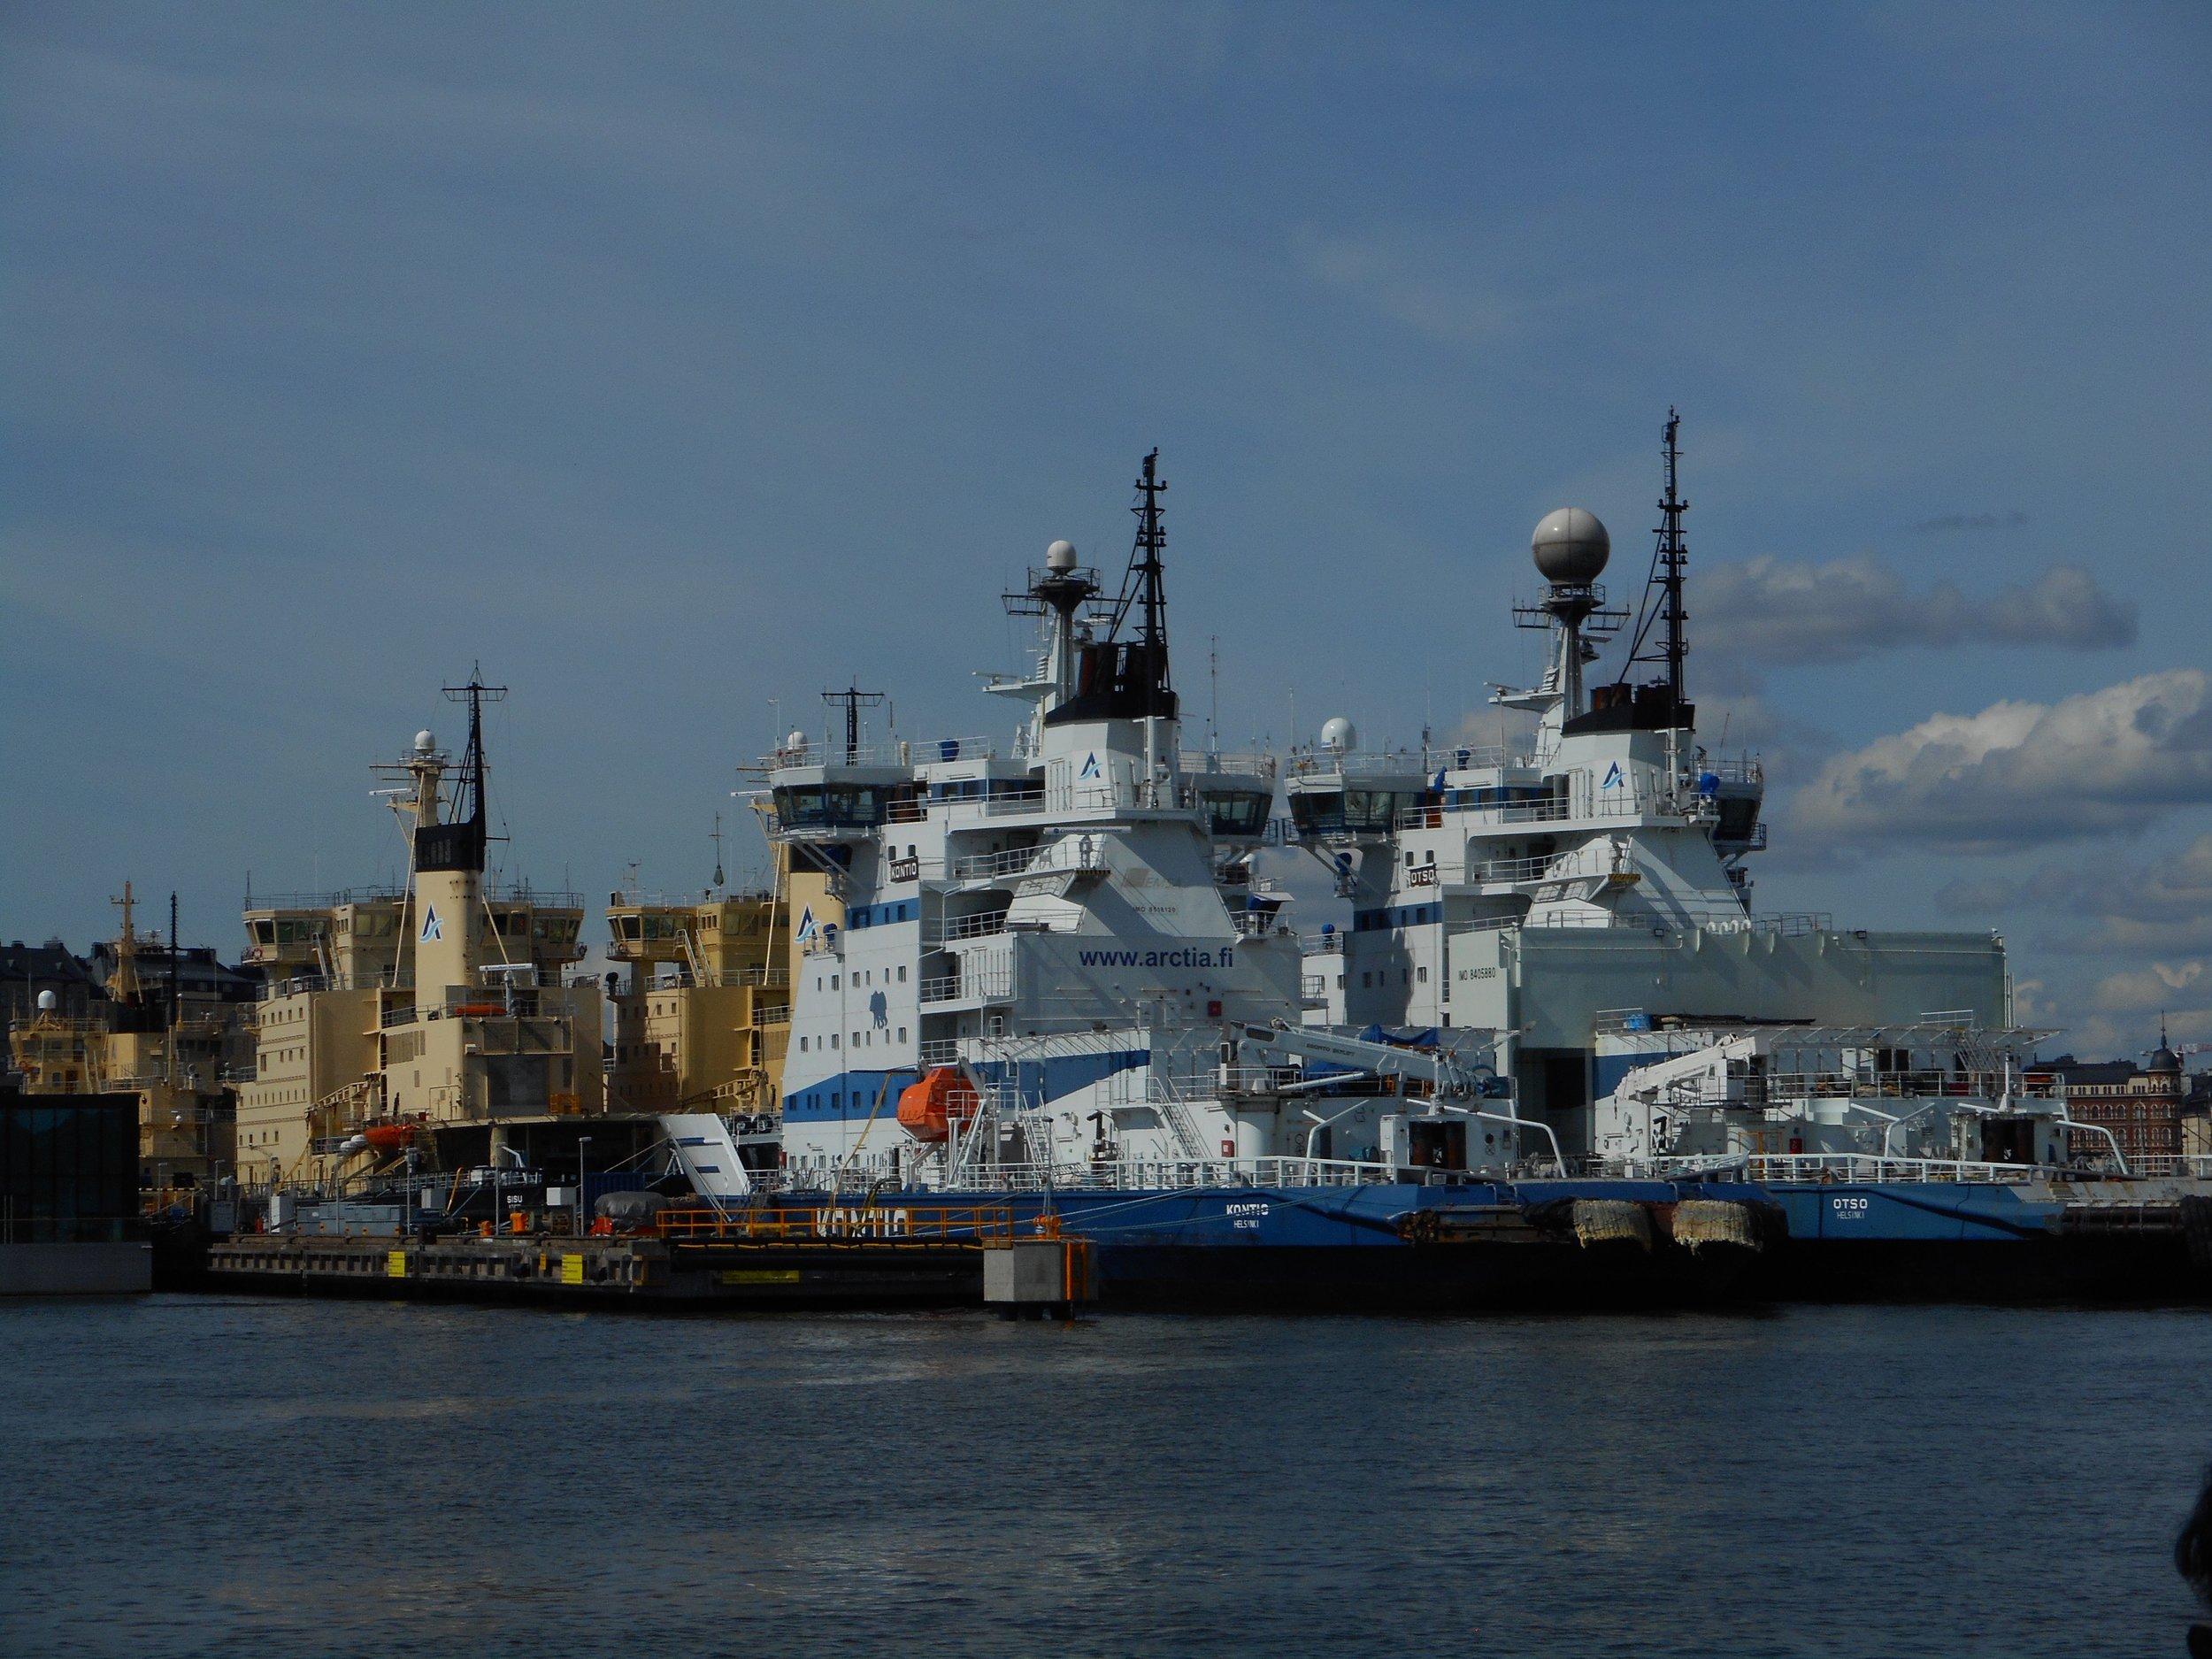 Ice breakers in Helsinki Harbour